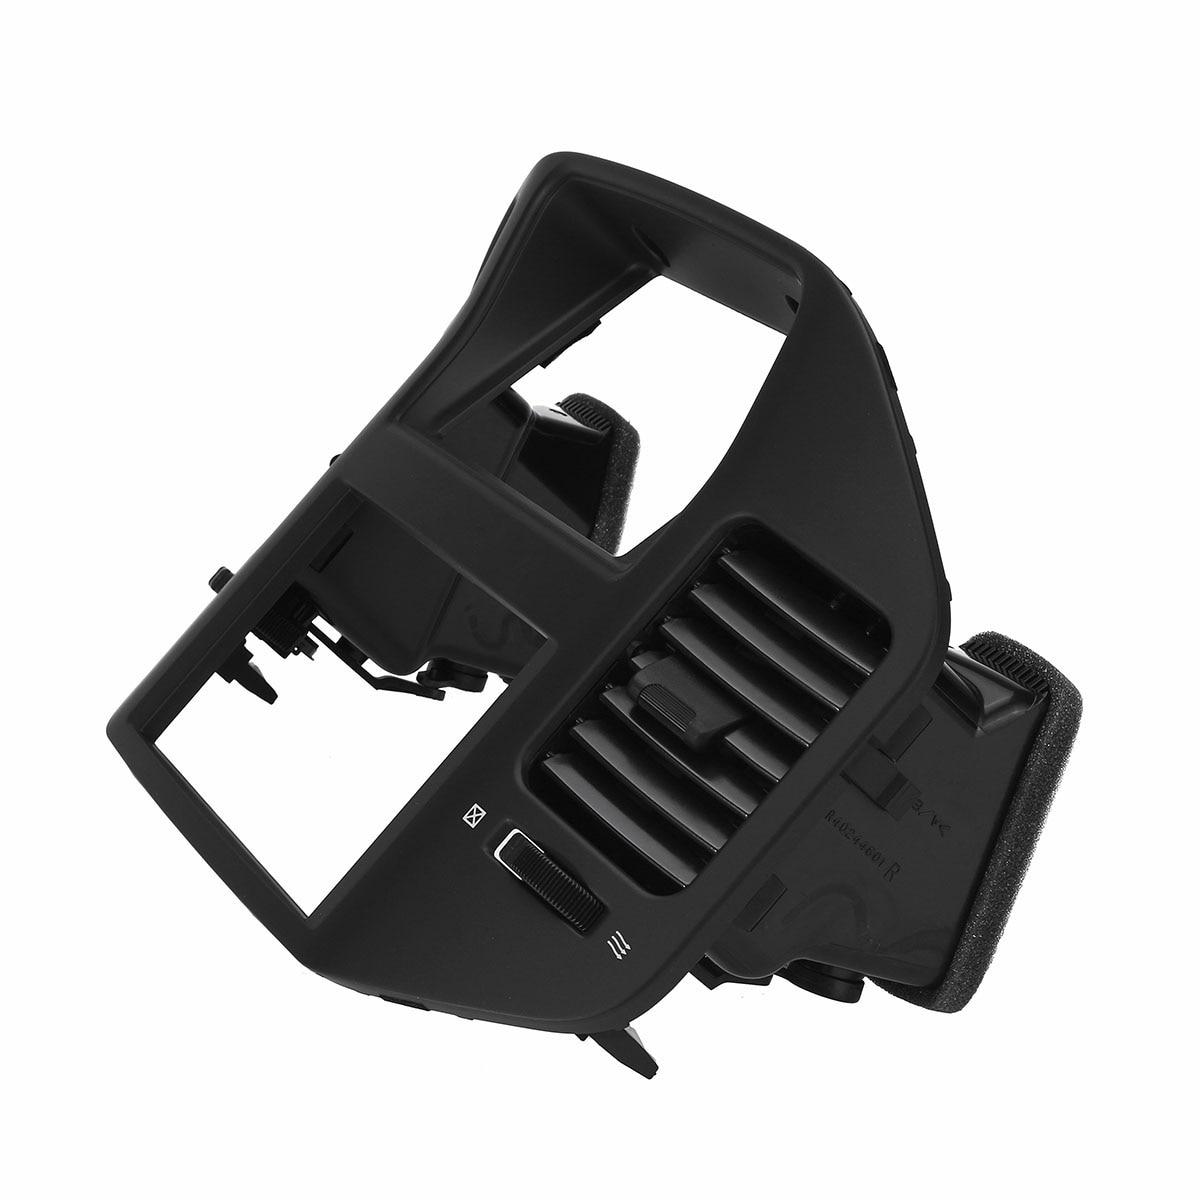 Новинка, 1 шт., Черная передняя панель, вентиляционное отверстие, Выходная панель для Mitsubishi Pajero Montero Shogun MK3 2001 2006 - 4